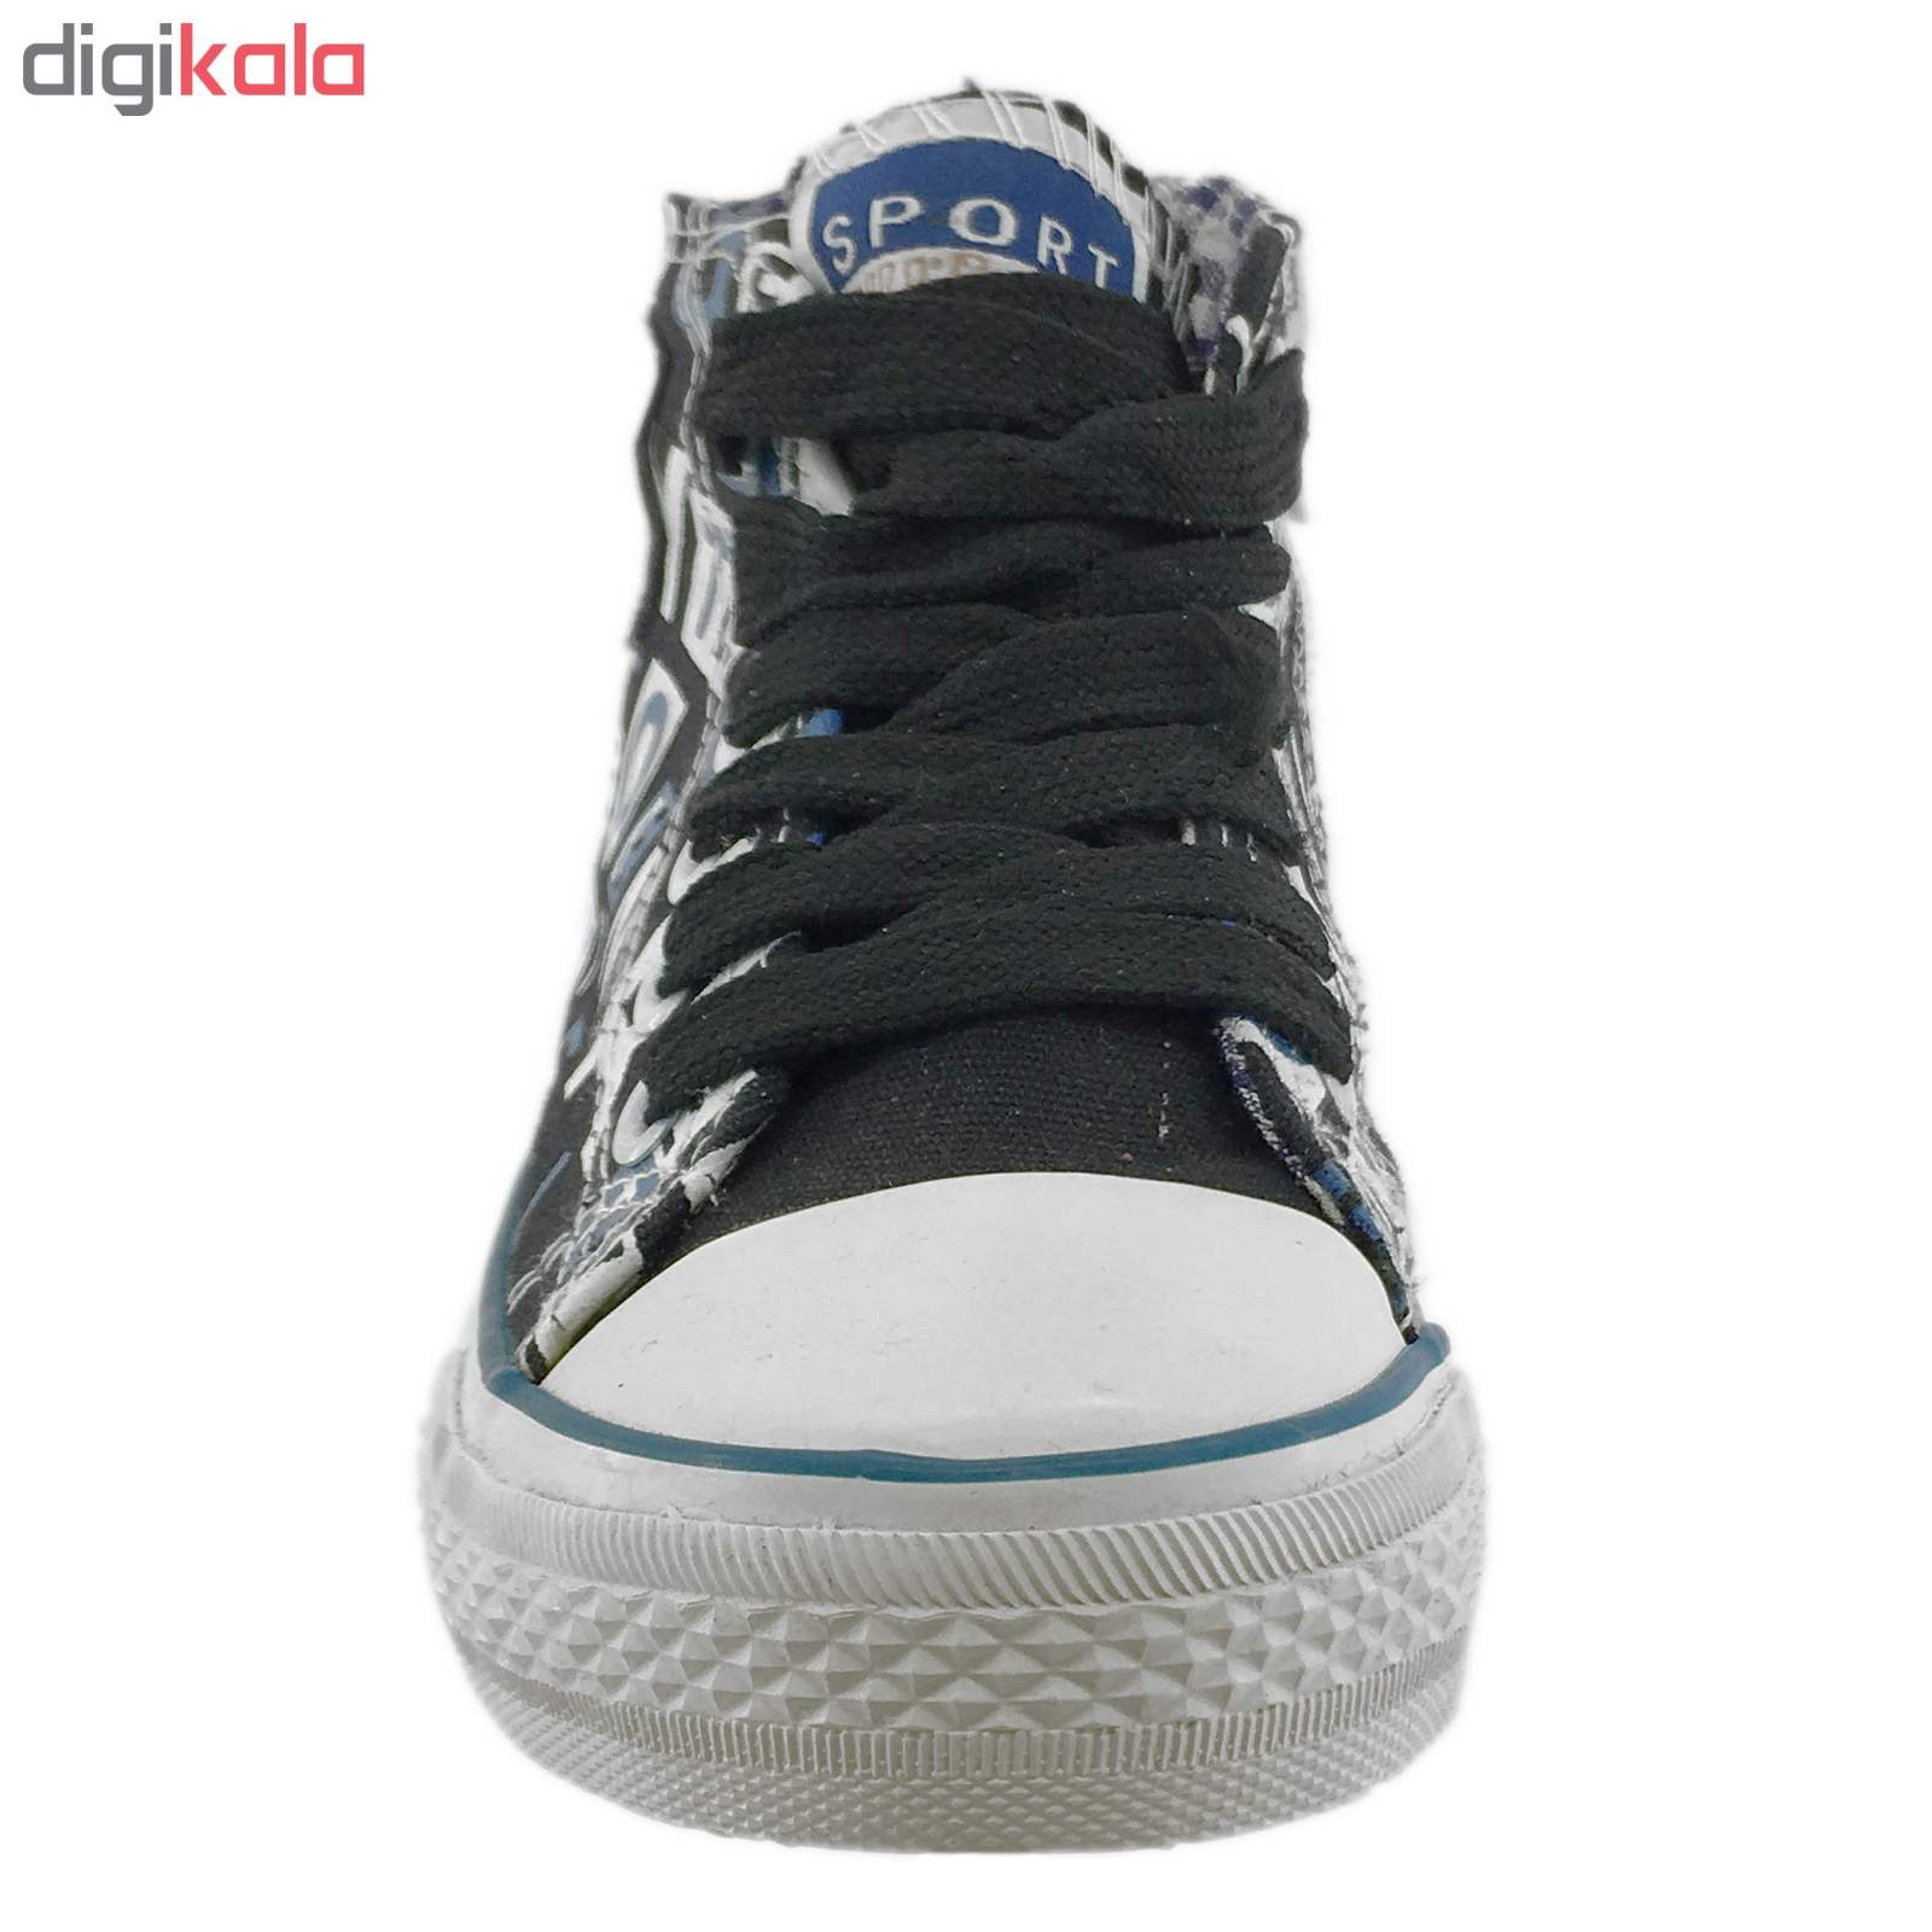 کفش راحتی دخترانه کد 344121 main 1 2